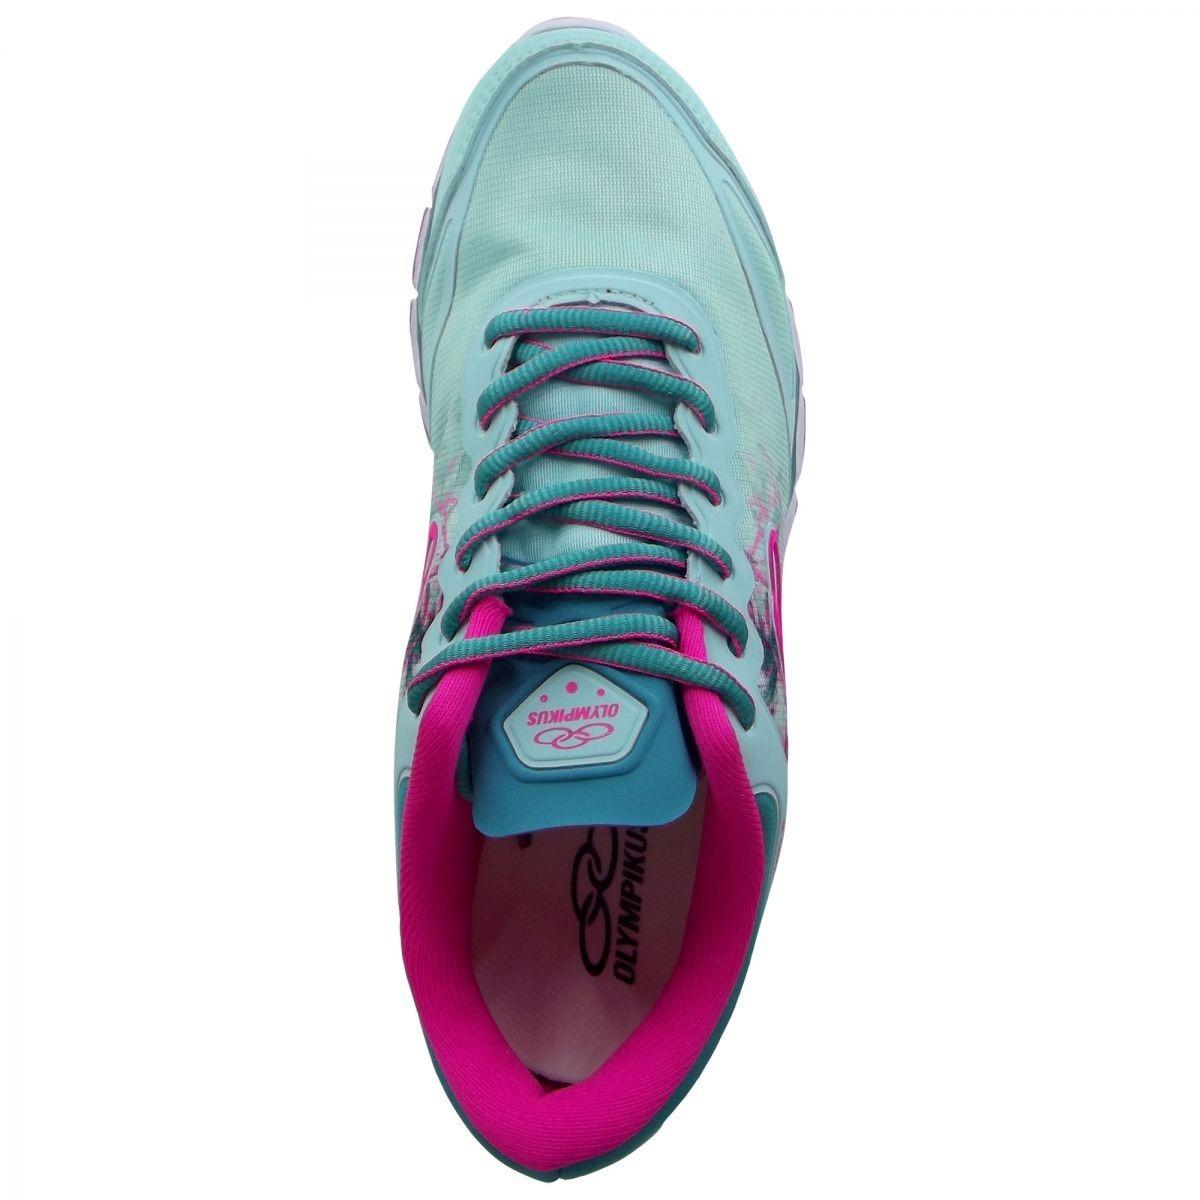 0a8fb8e45ac tênis olympikus thin 2 177 - piscina pink - frete grátis. Carregando zoom.